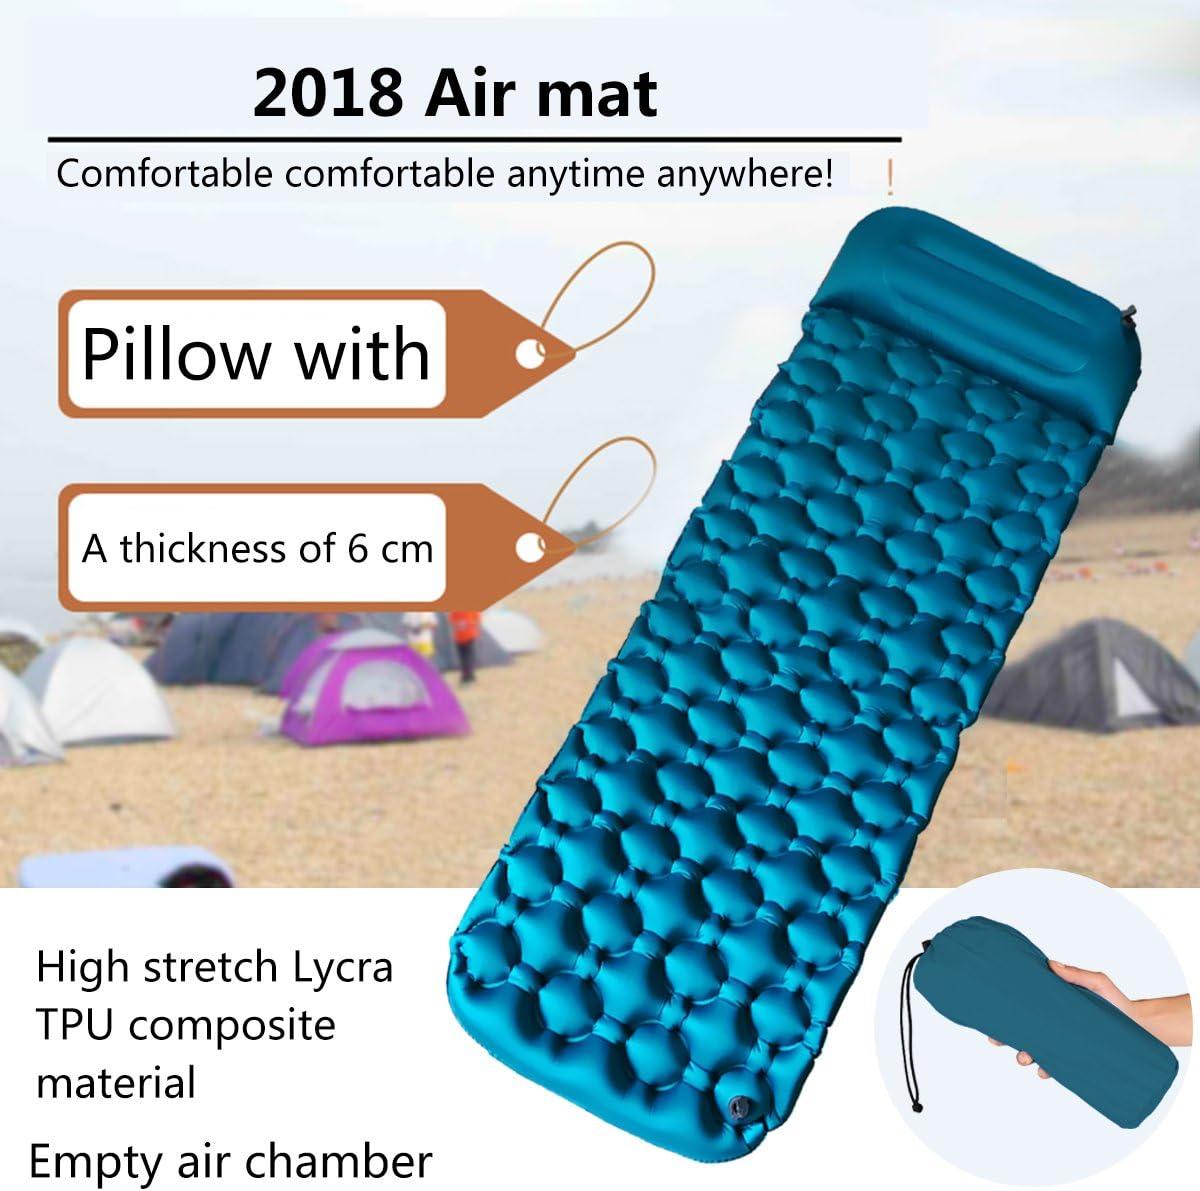 527BL Esterilla Hinchable de Poliuretano termopl/ástico TPU para Acampada al Aire Libre con Almohada para Dormir